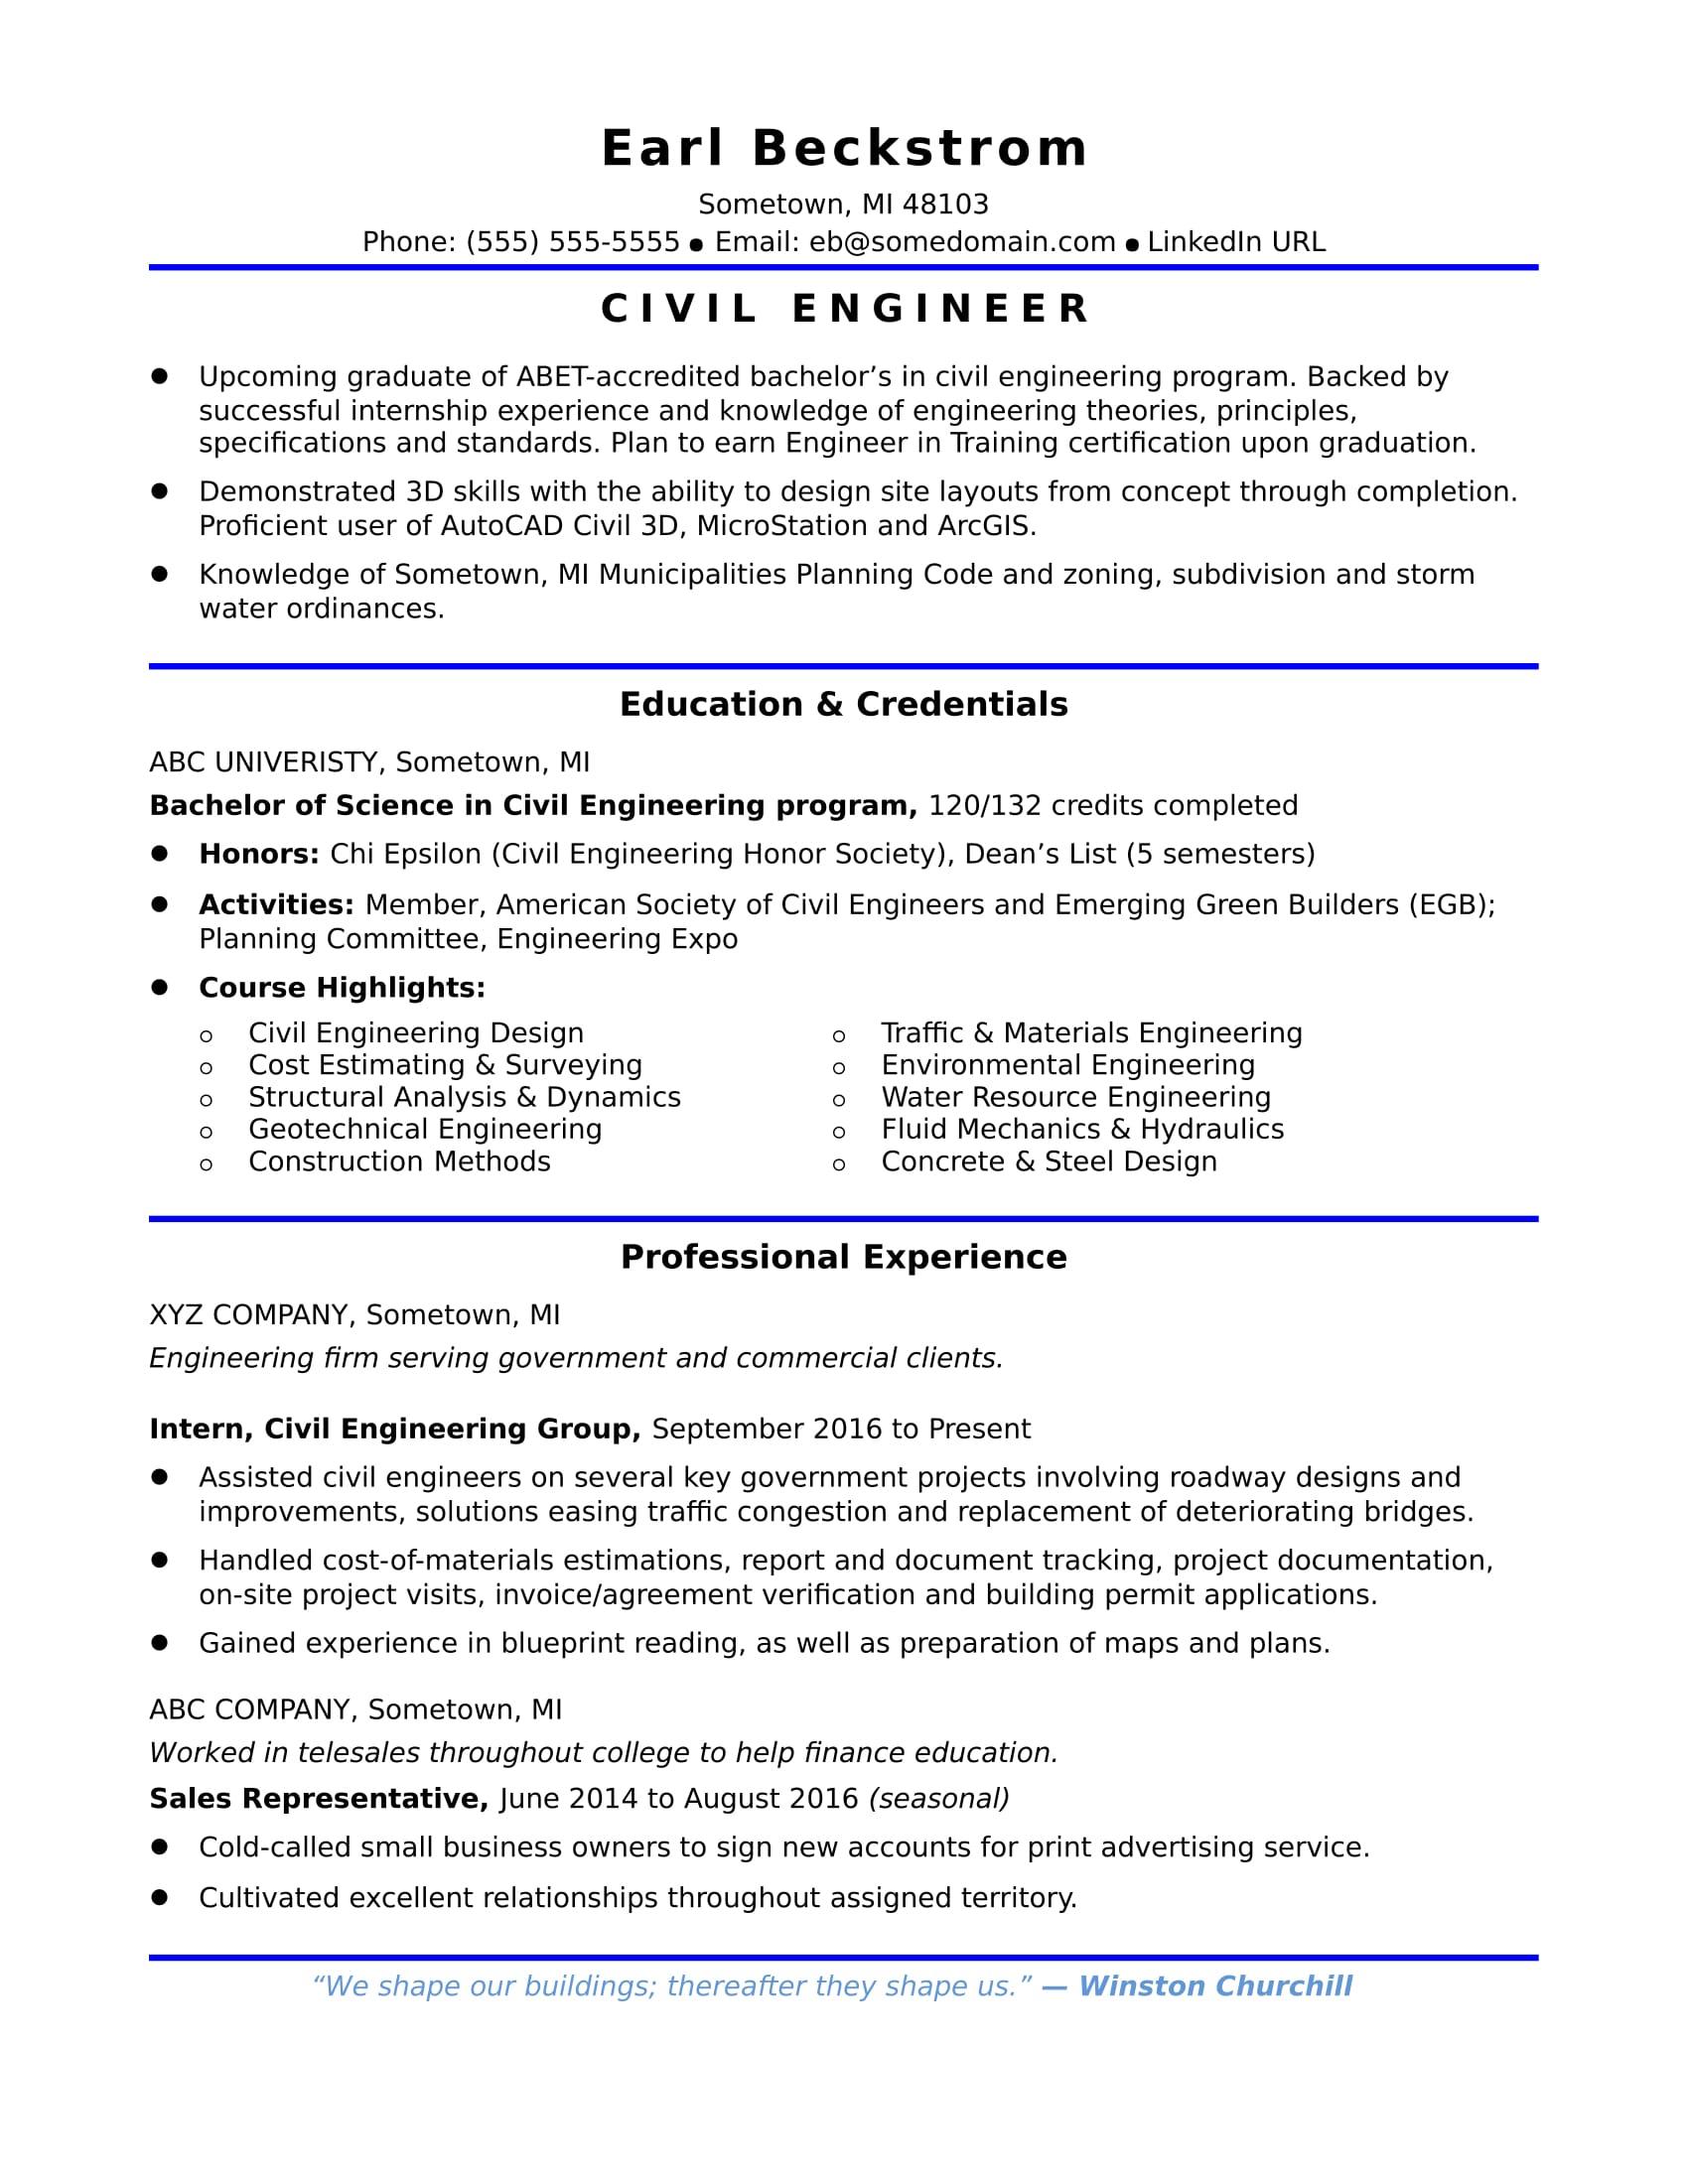 Sample Resume For An Entry Level Civil Engineer Monstercom